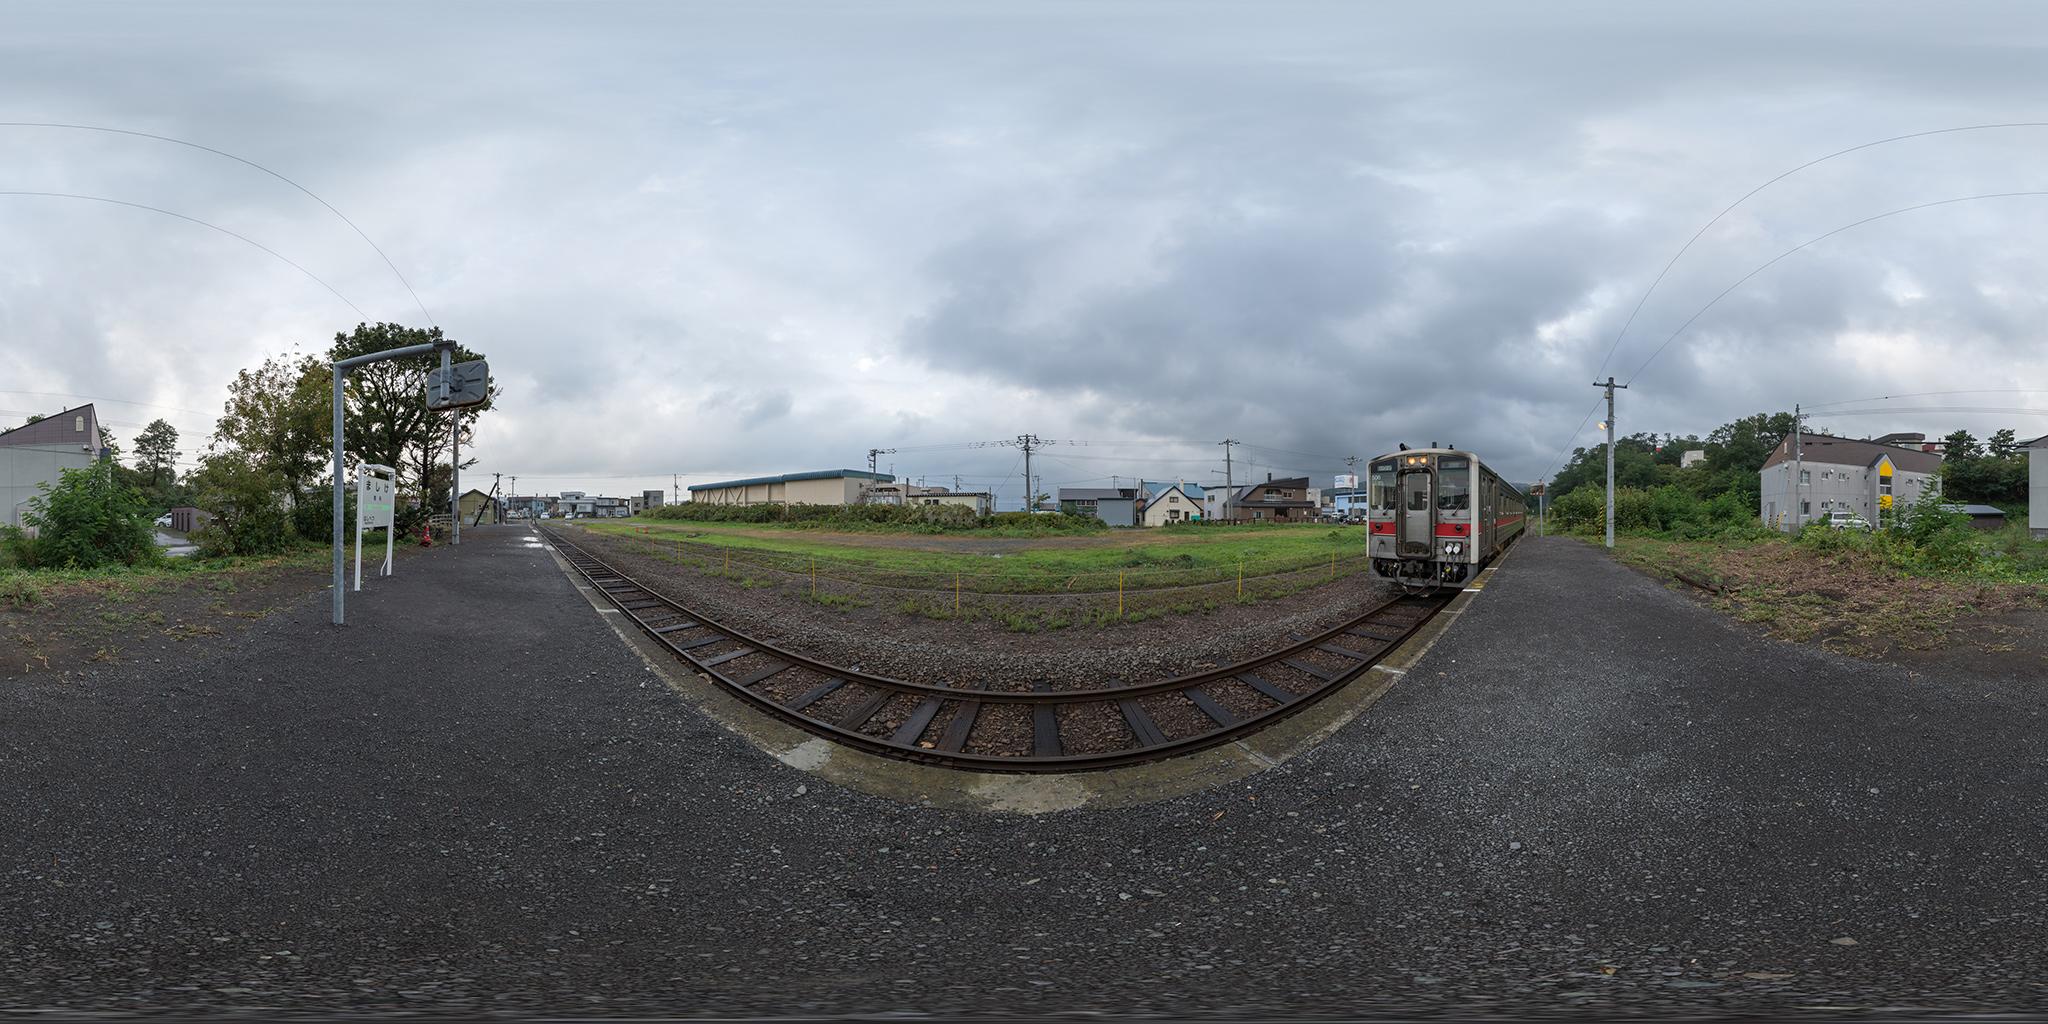 増毛駅に到着するキハ54-506(4921D)